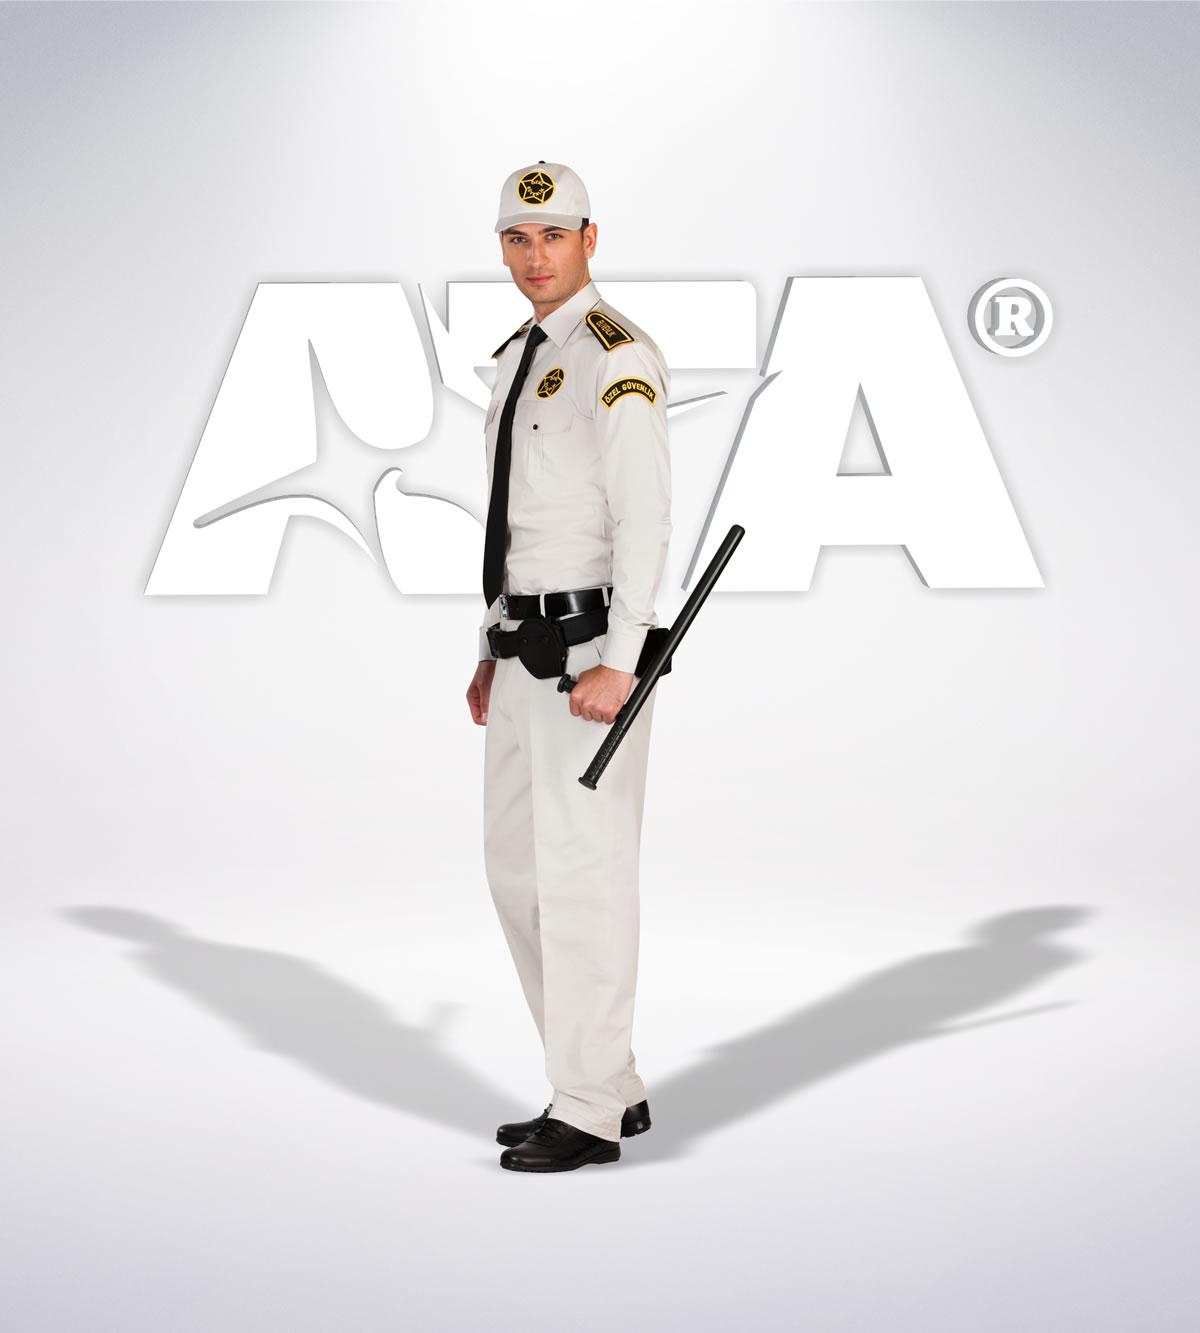 ATA 122 - Pantolon yazlık - gömlek yazlık-kışlık - aksesuar - güvenlik elbiseleri   güvenlik üniformaları   güvenlik kıyafetleri